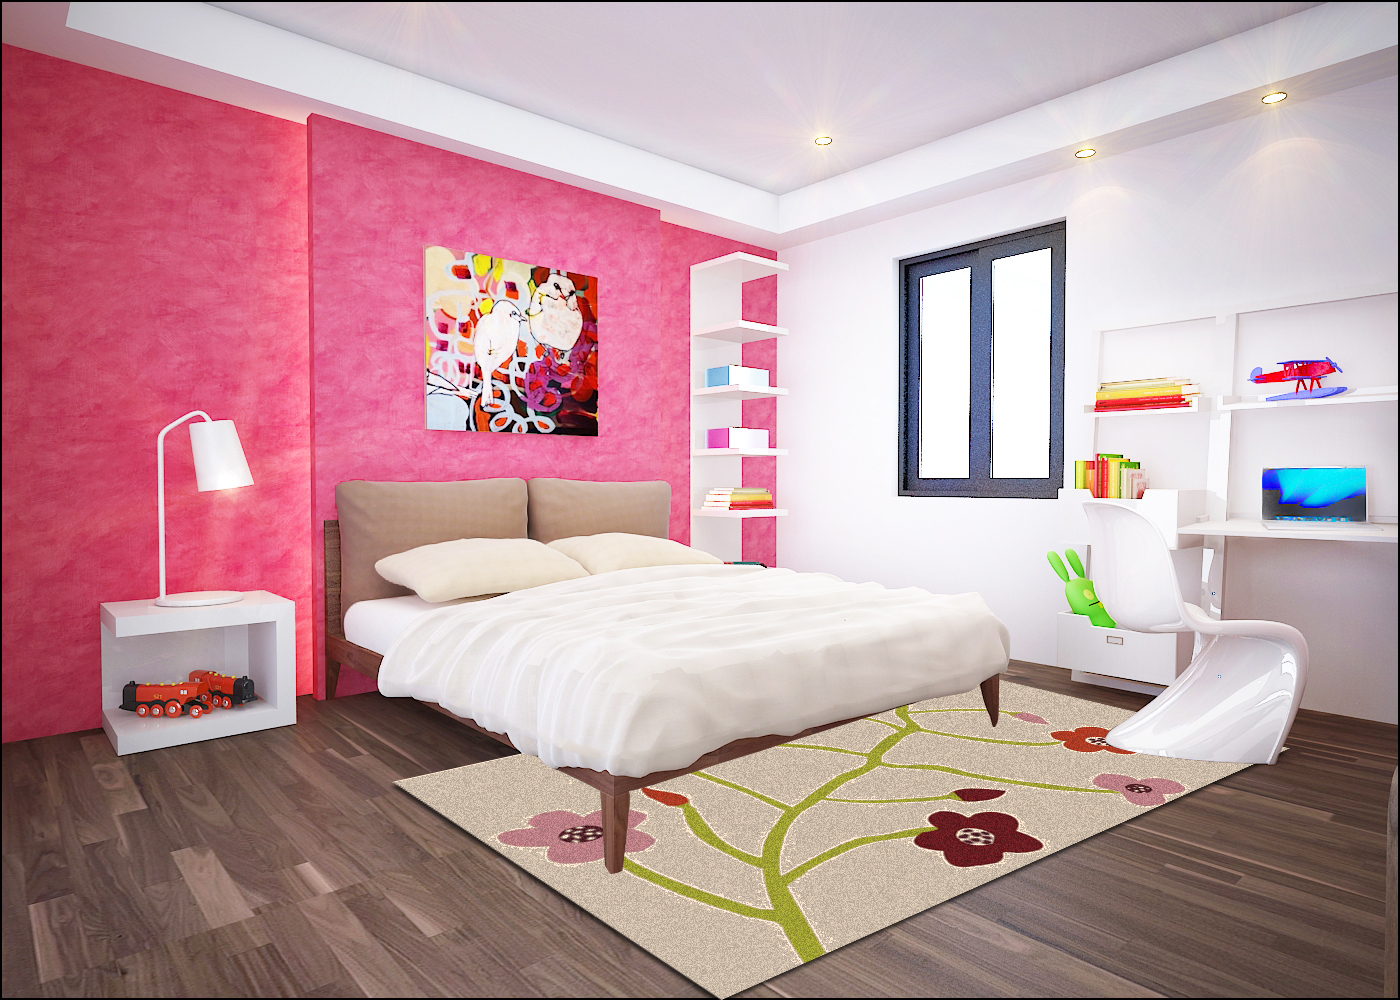 08-Kid Room 2.jpg